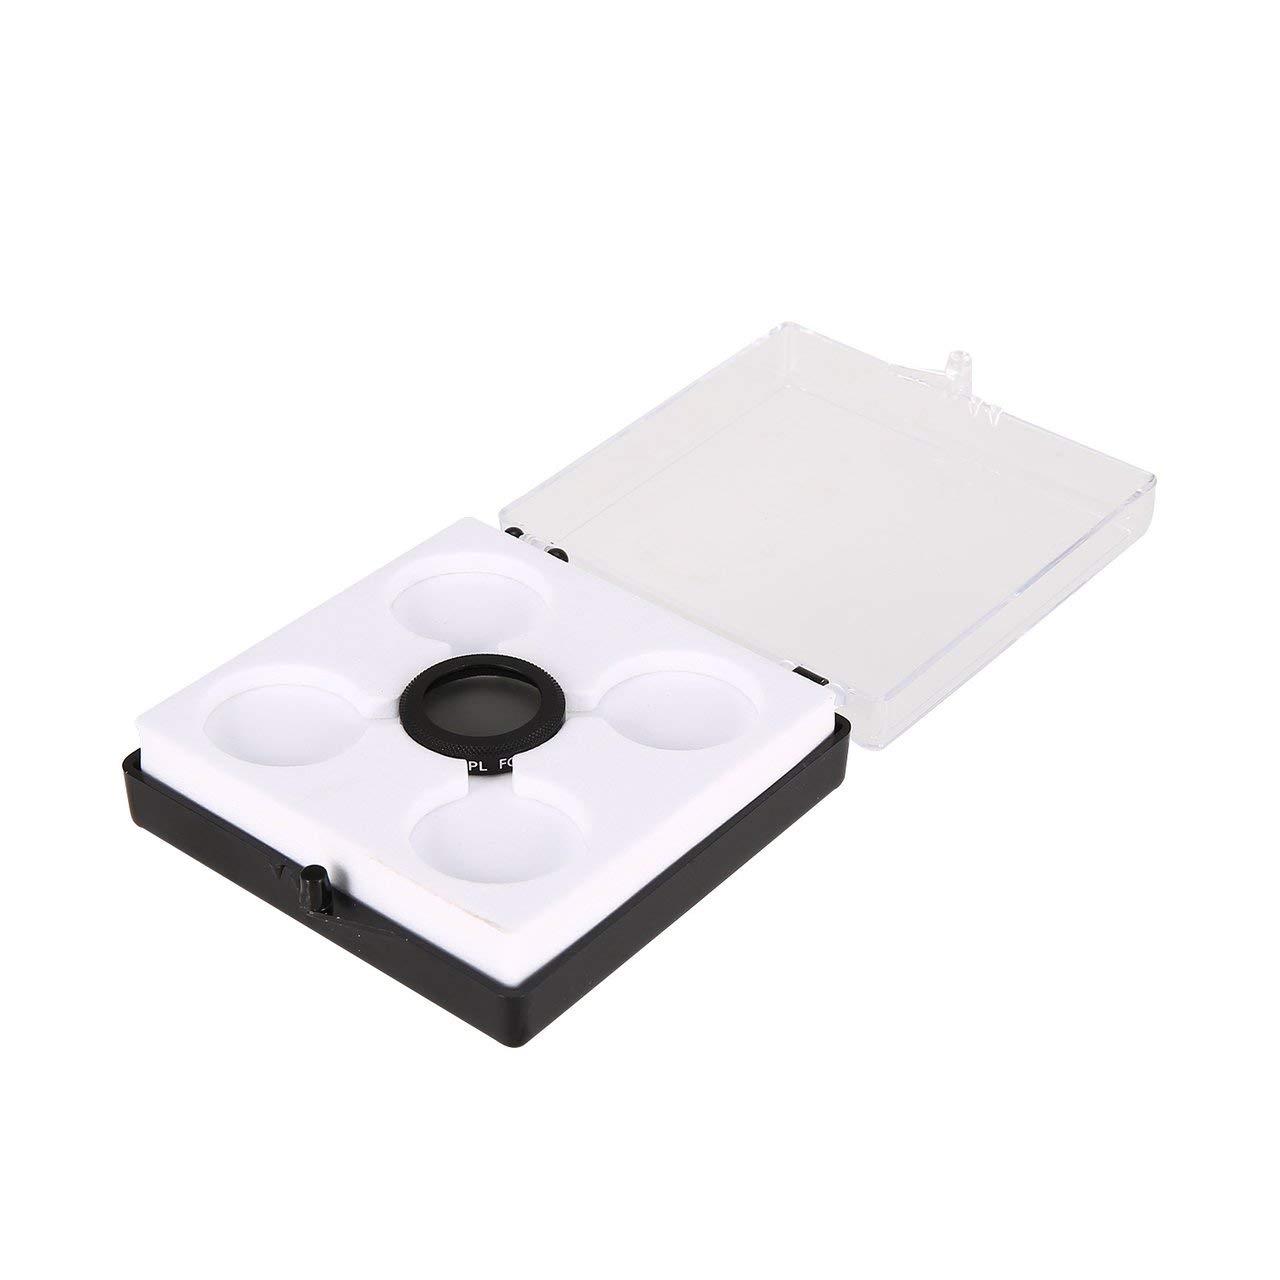 romerofs 調節可能ミニポータブル偏光レンズフィルター保護カバー CPL HDカメラ Parrot ANAFIドローンカメラレンズ用   B07MYT7CJ6